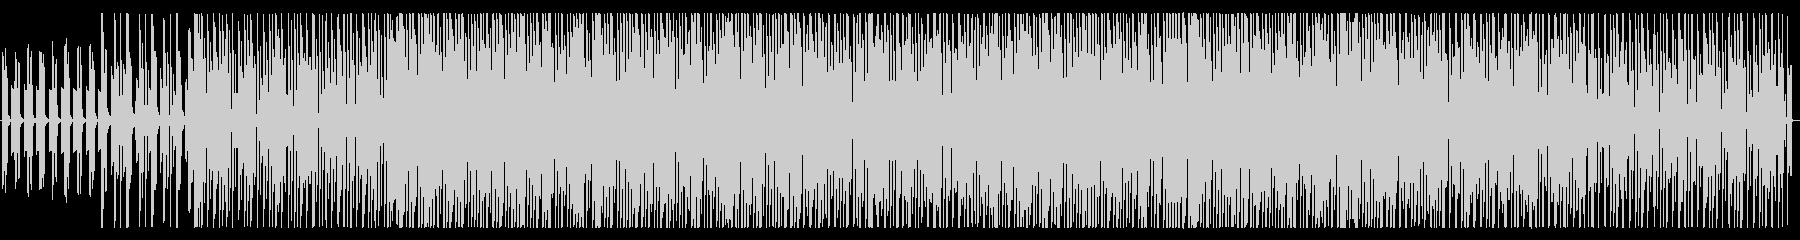 スローで落ち着いた雰囲気のEDMの未再生の波形